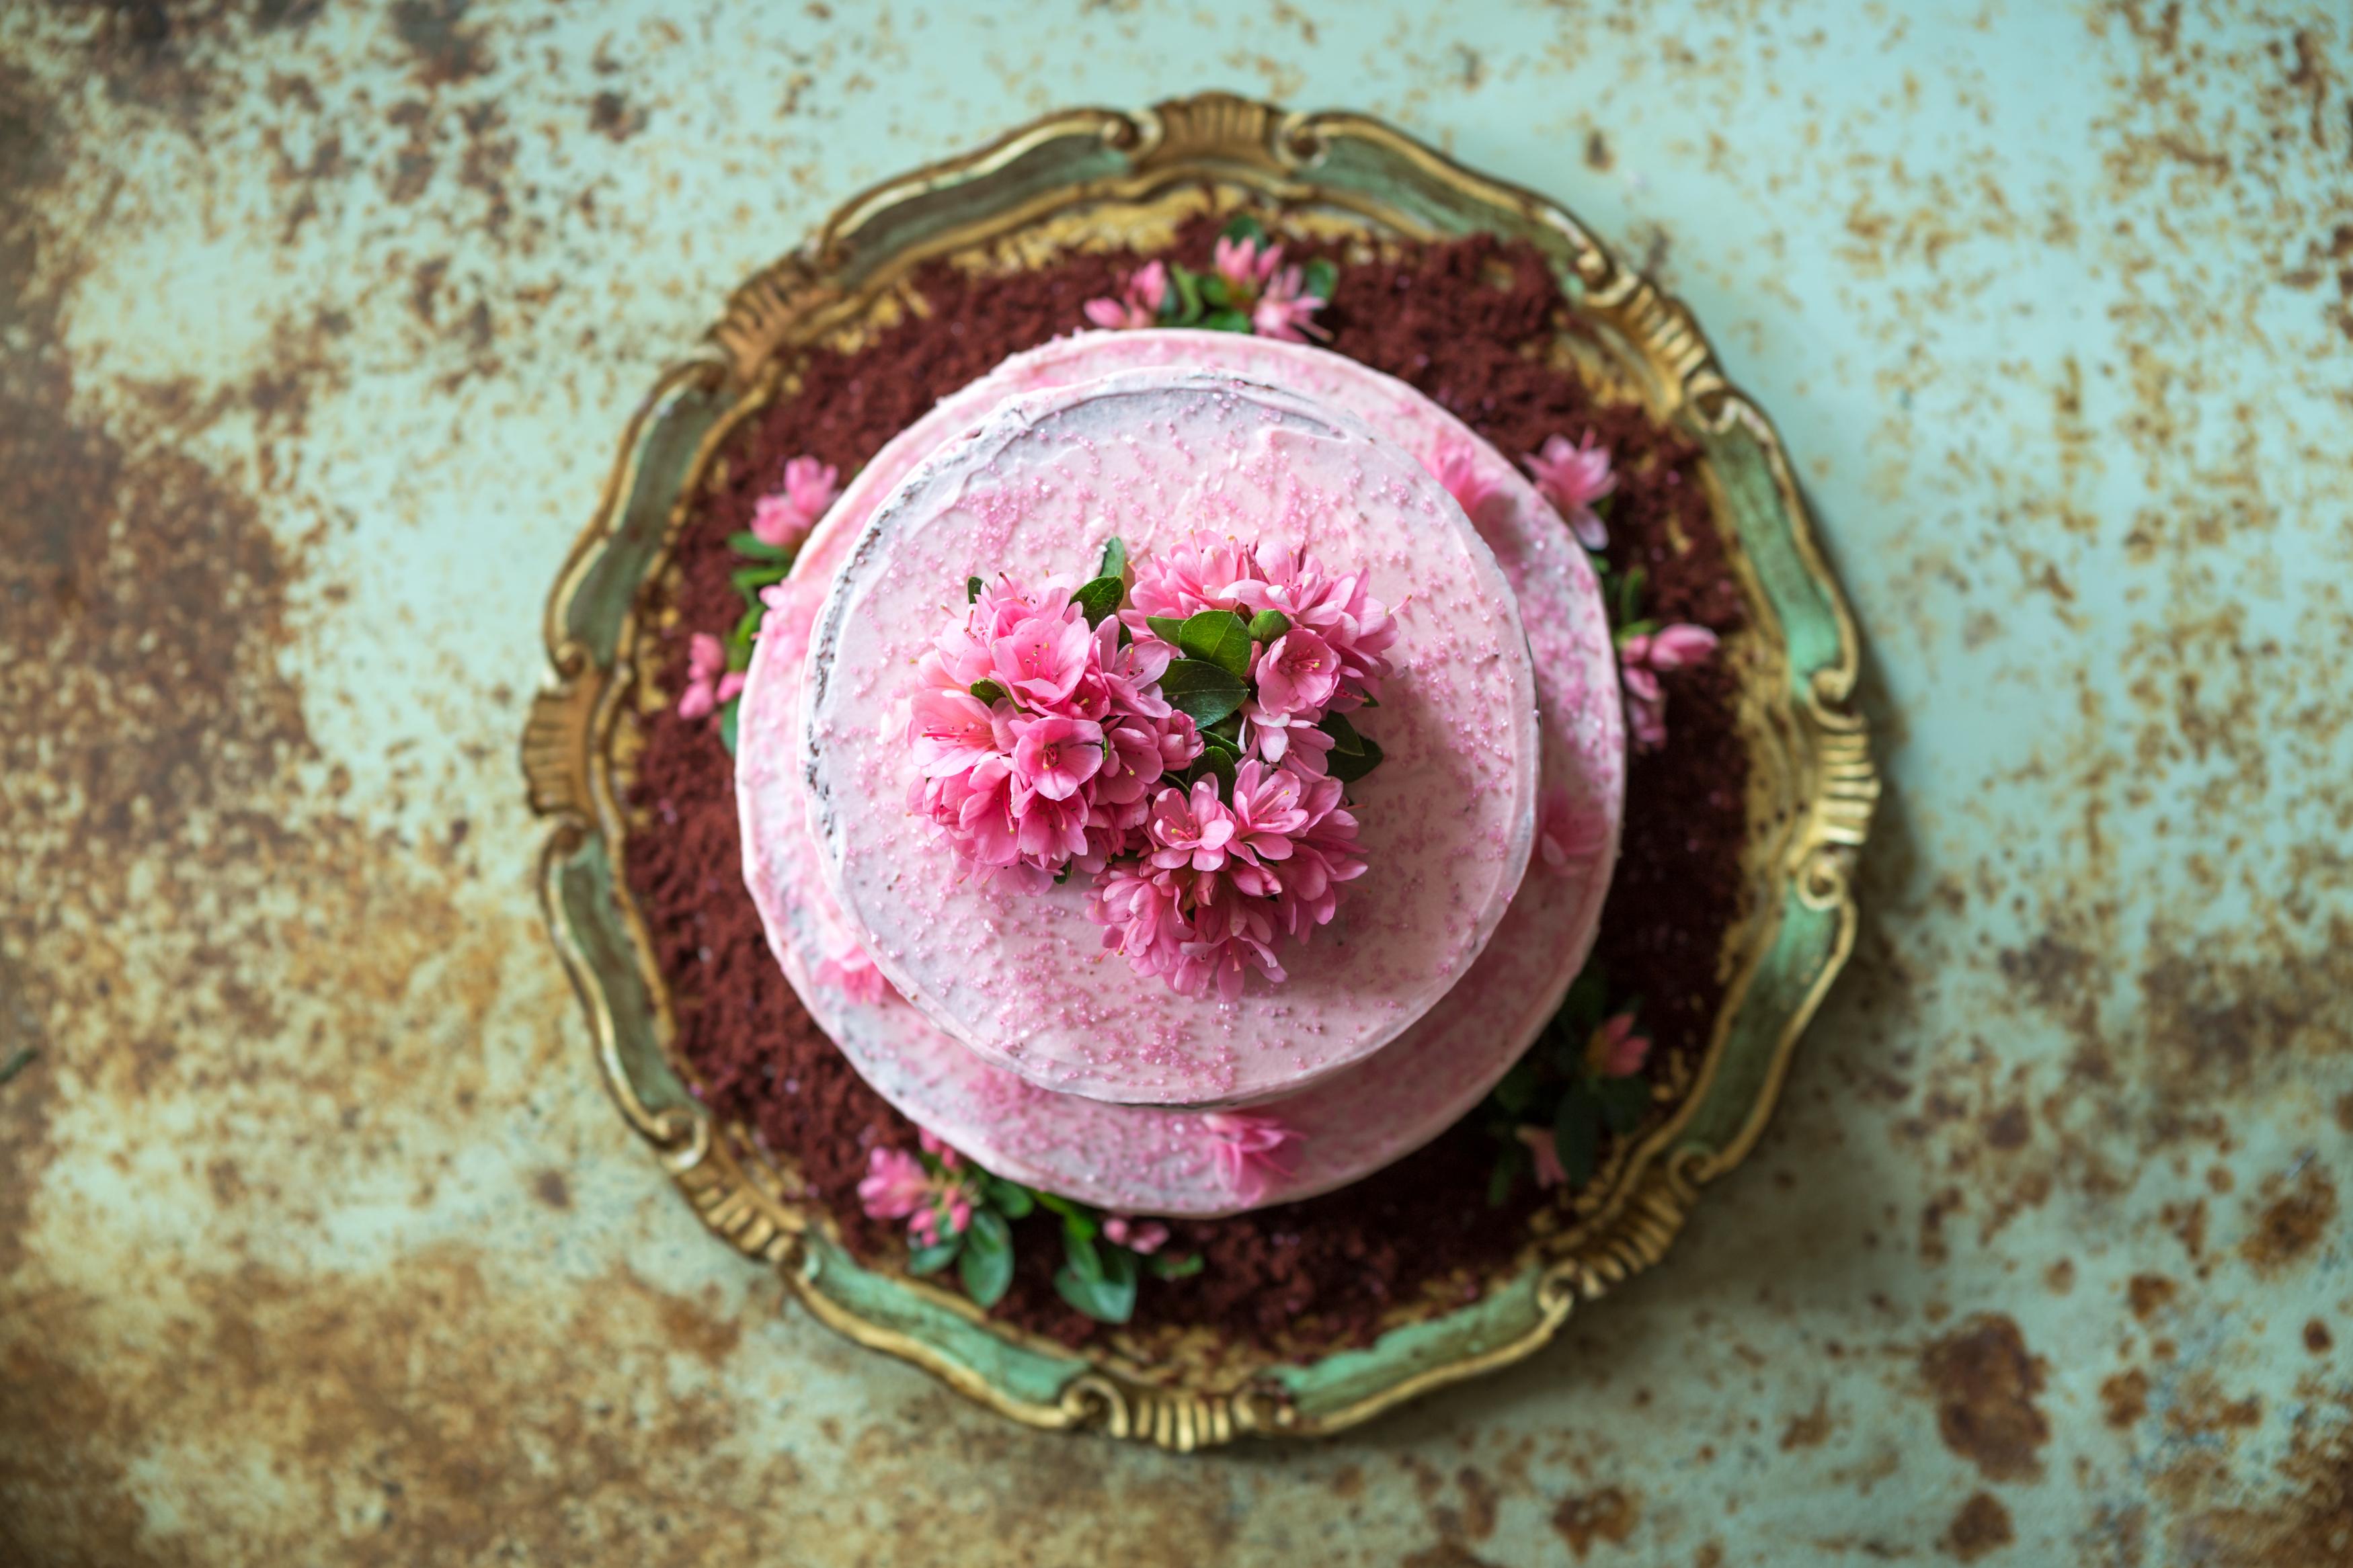 Red Velvet Cake & Azalea Flowers Miss Tortology E17 Artisan Cakes